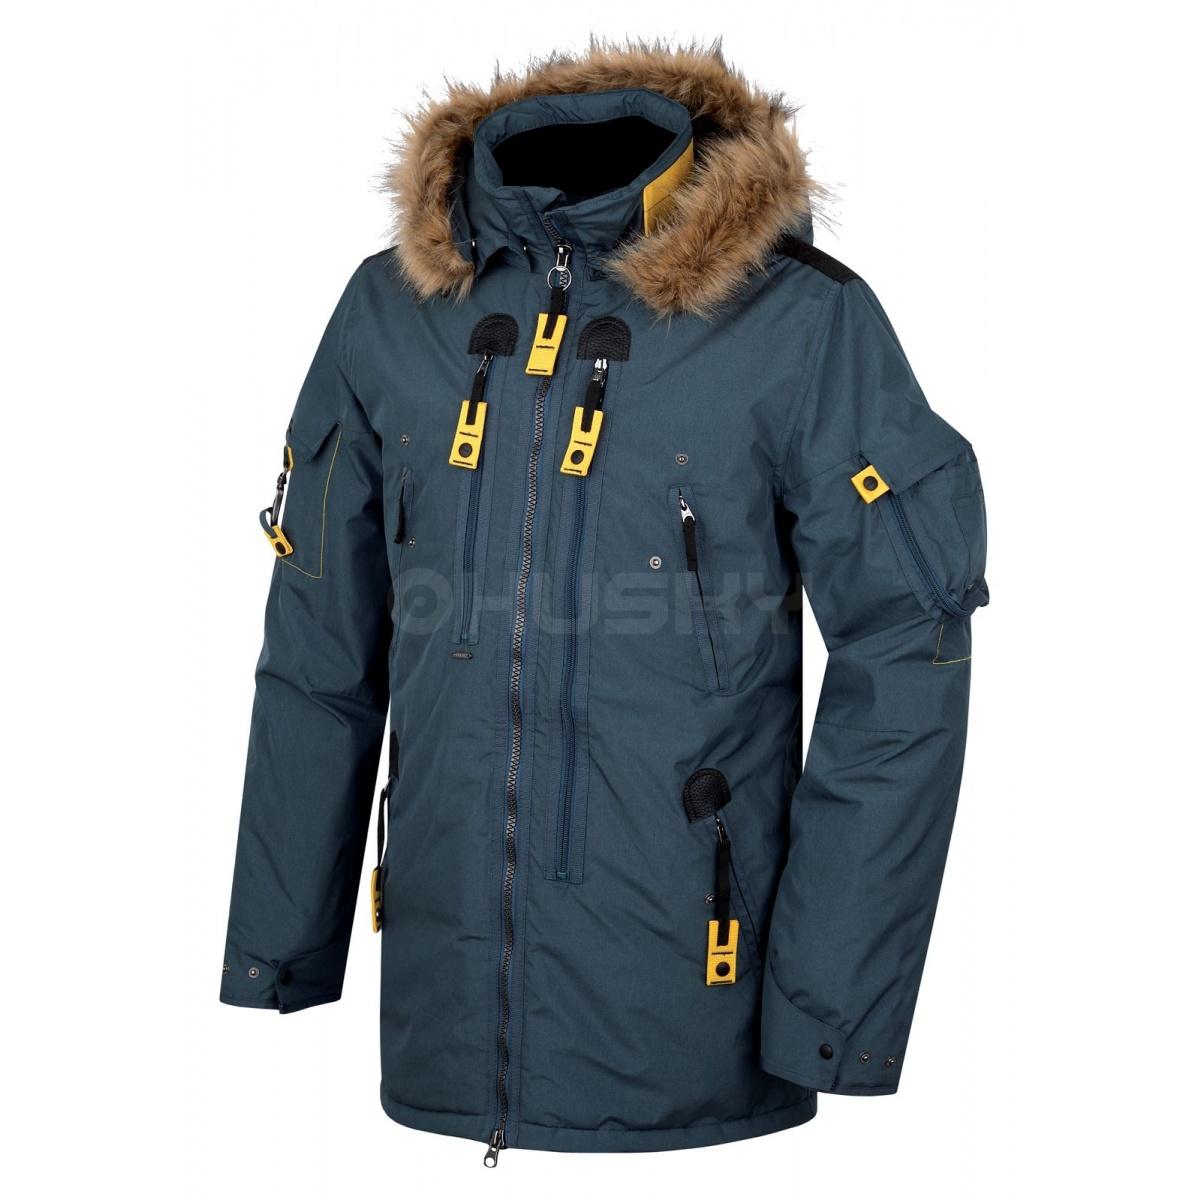 76f788ec61 Pánská plněná zimní bunda - Nerida – tm.modrá | HUSKYCZ.CZ